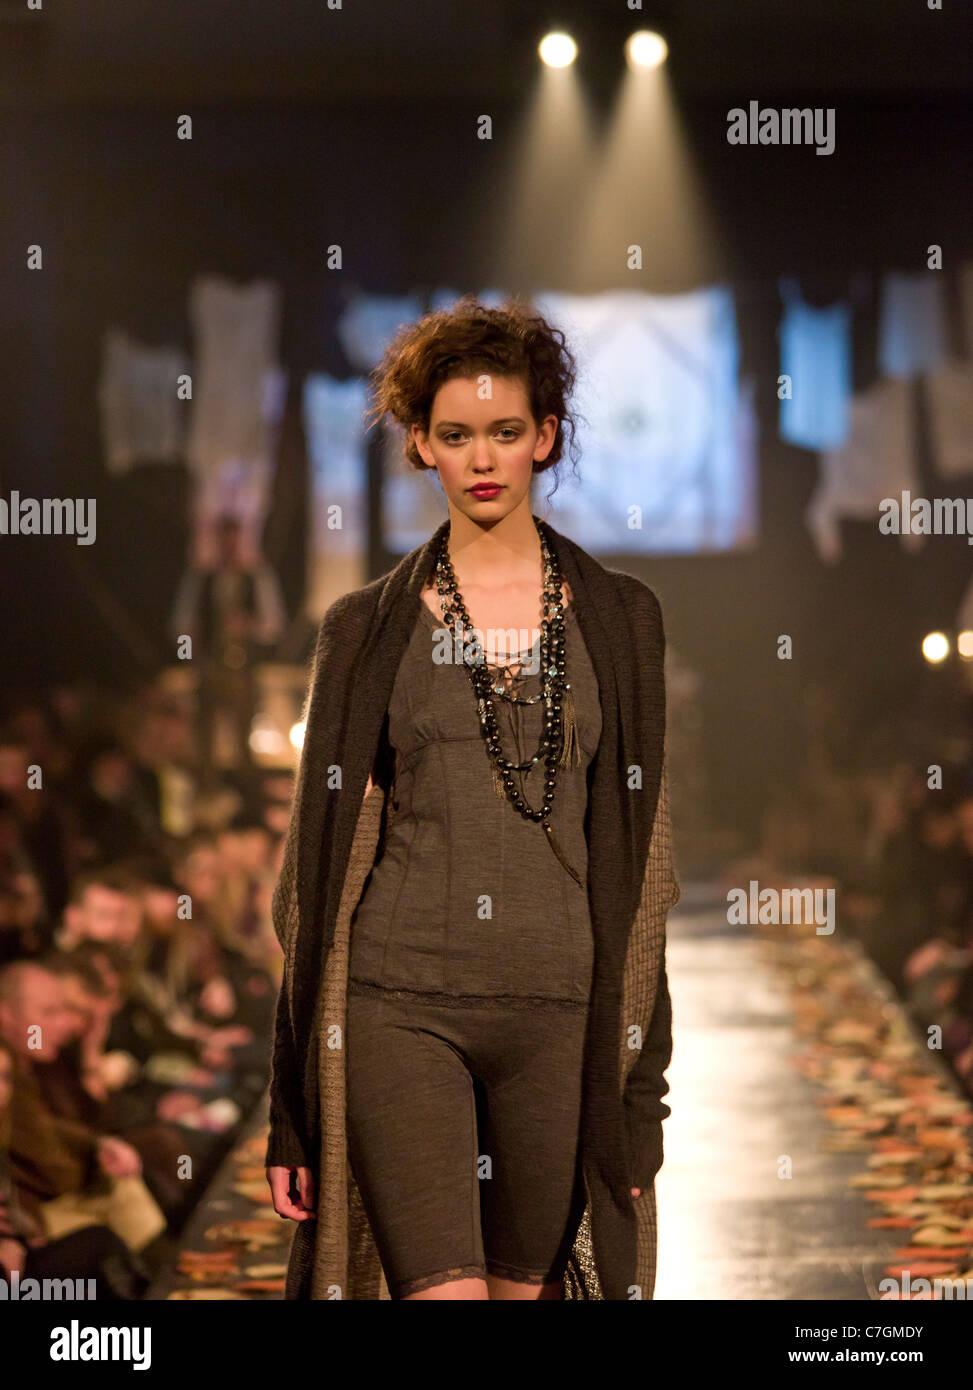 Female model on catwalk at fashion show, Reykjavik Iceland - Stock Image